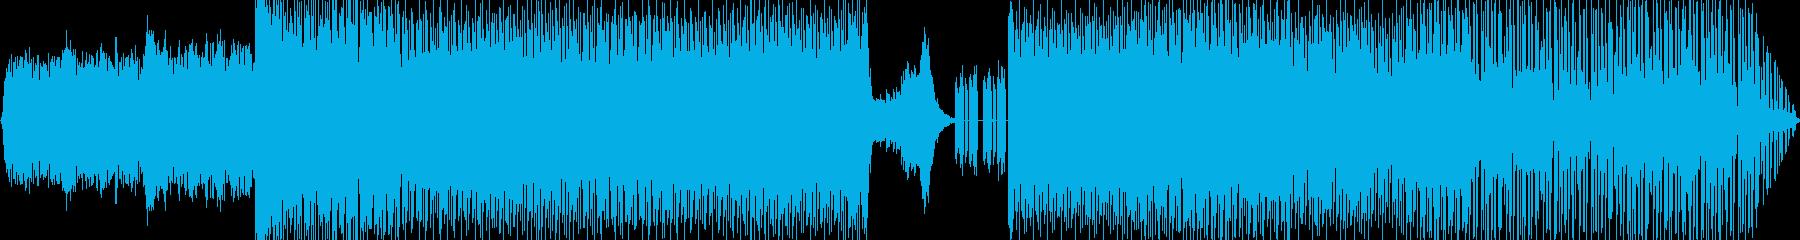 オーケストラ、エレクトロニック、ハ...の再生済みの波形